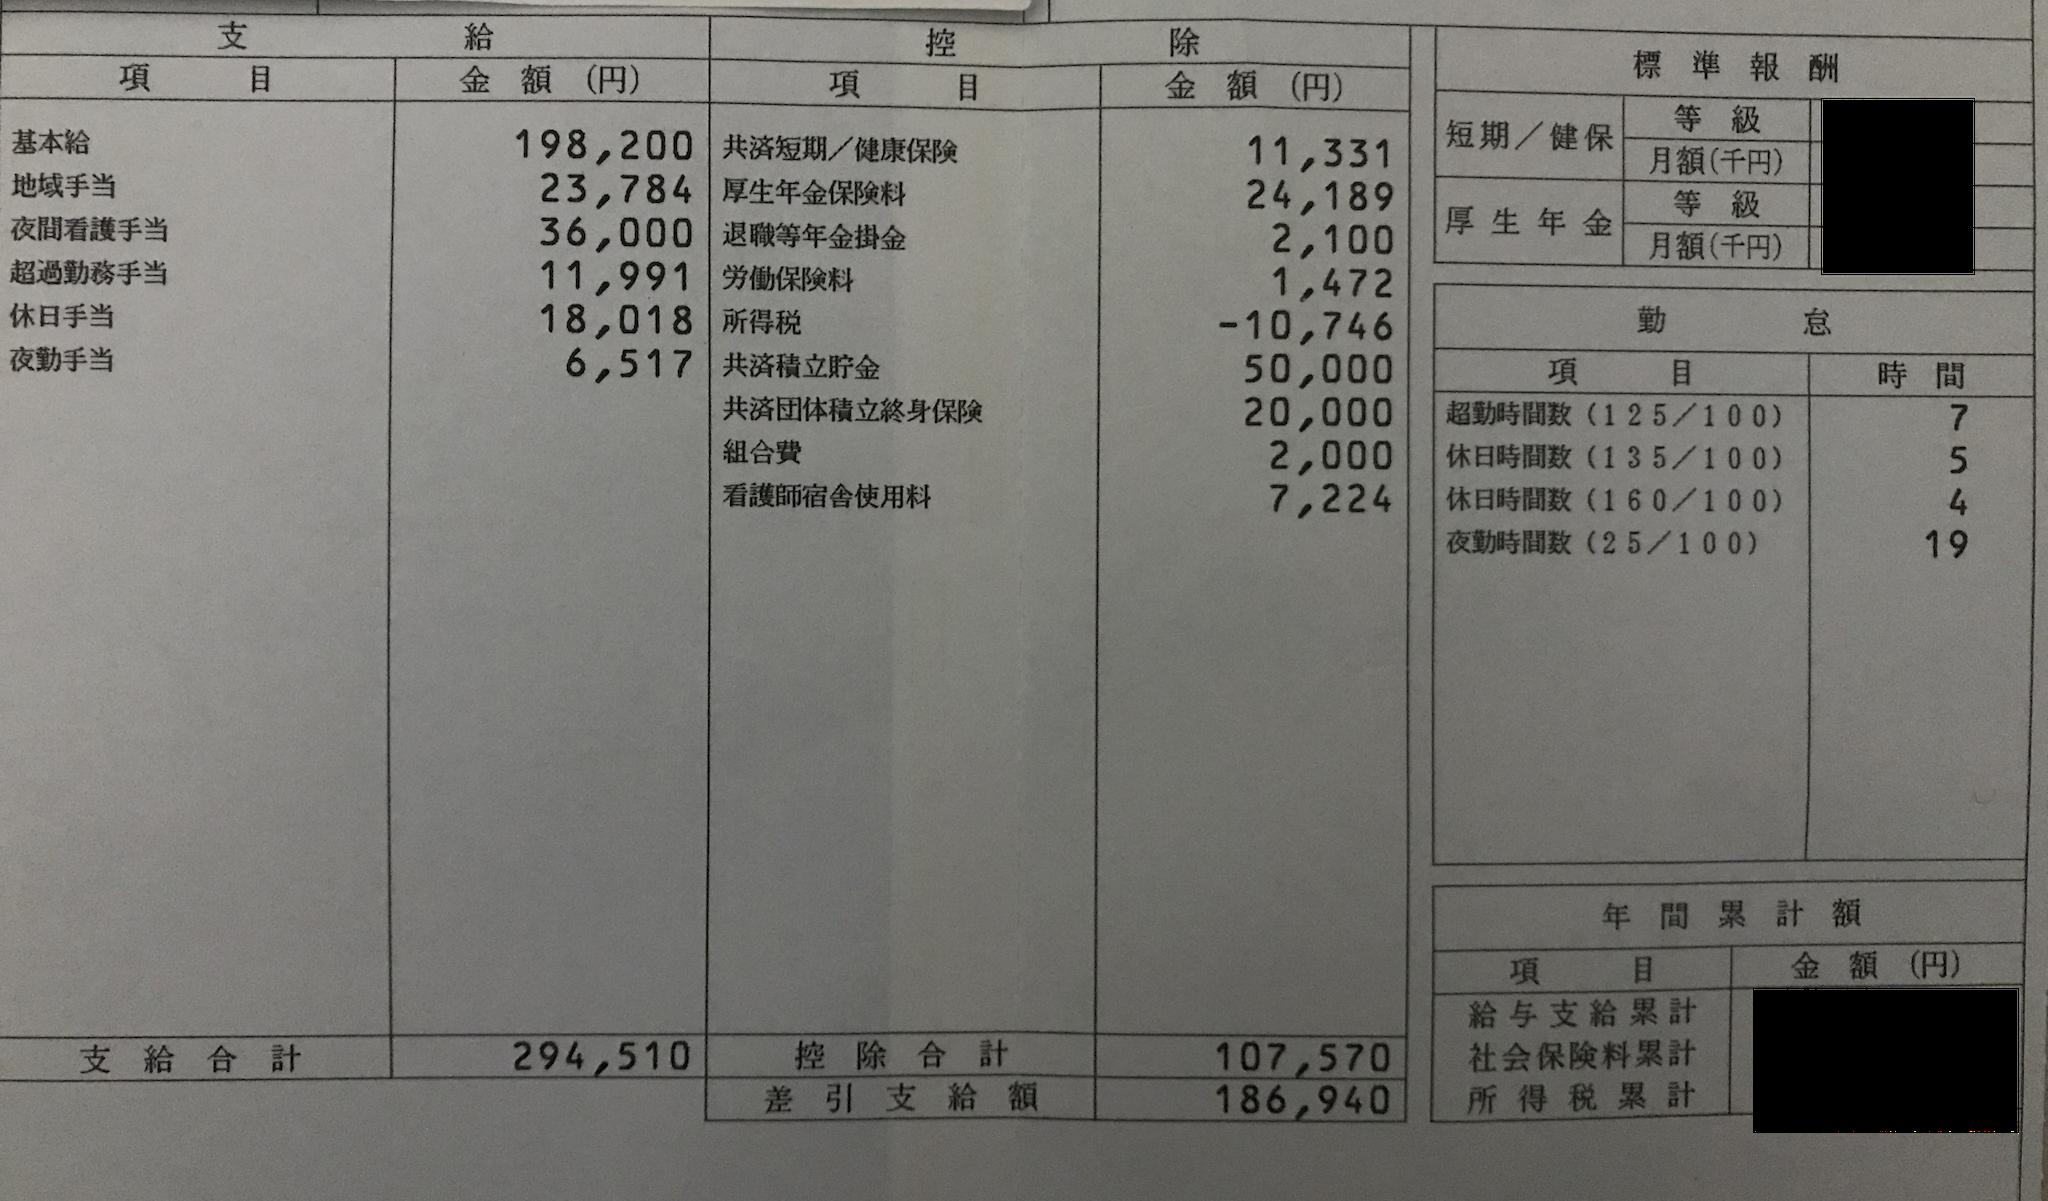 【実際の画像】大阪大学医学部附属病院・看護師の給与明細・ボーナス・年収・口コミ